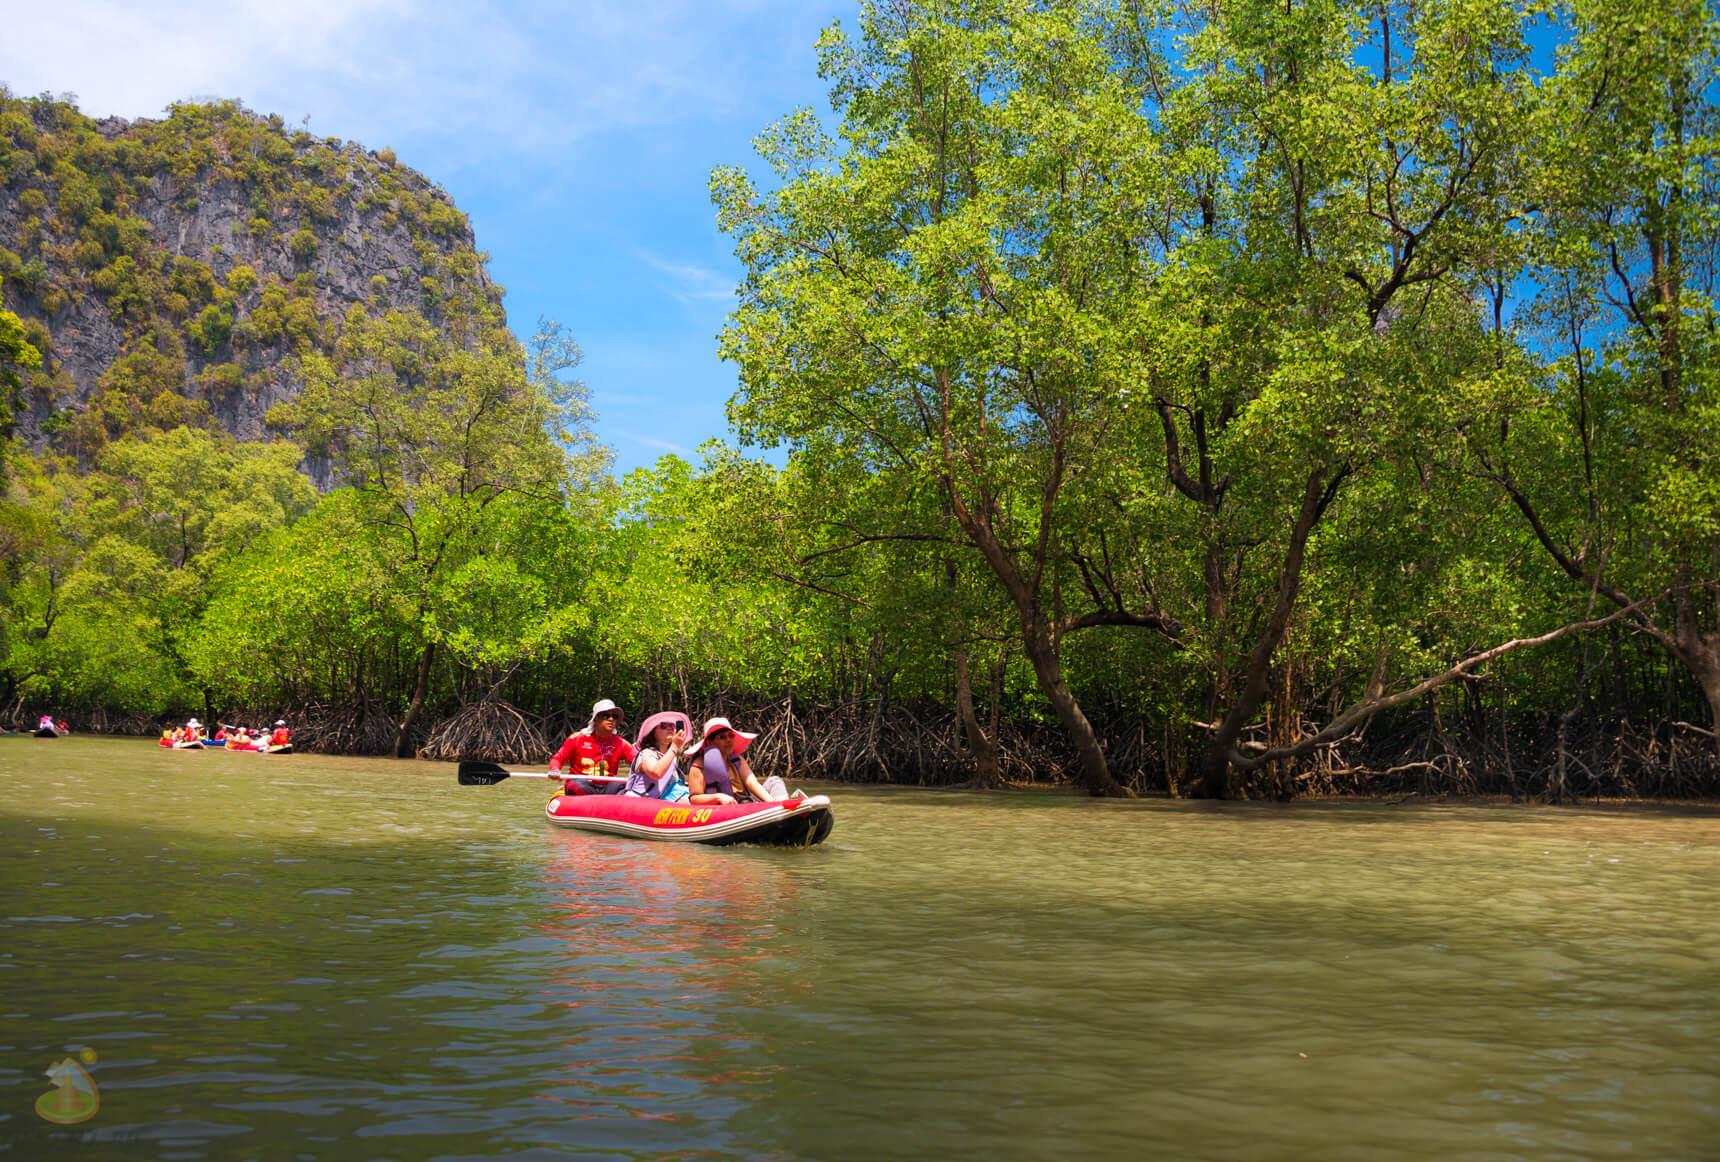 На каноэ в мангровых зарослях